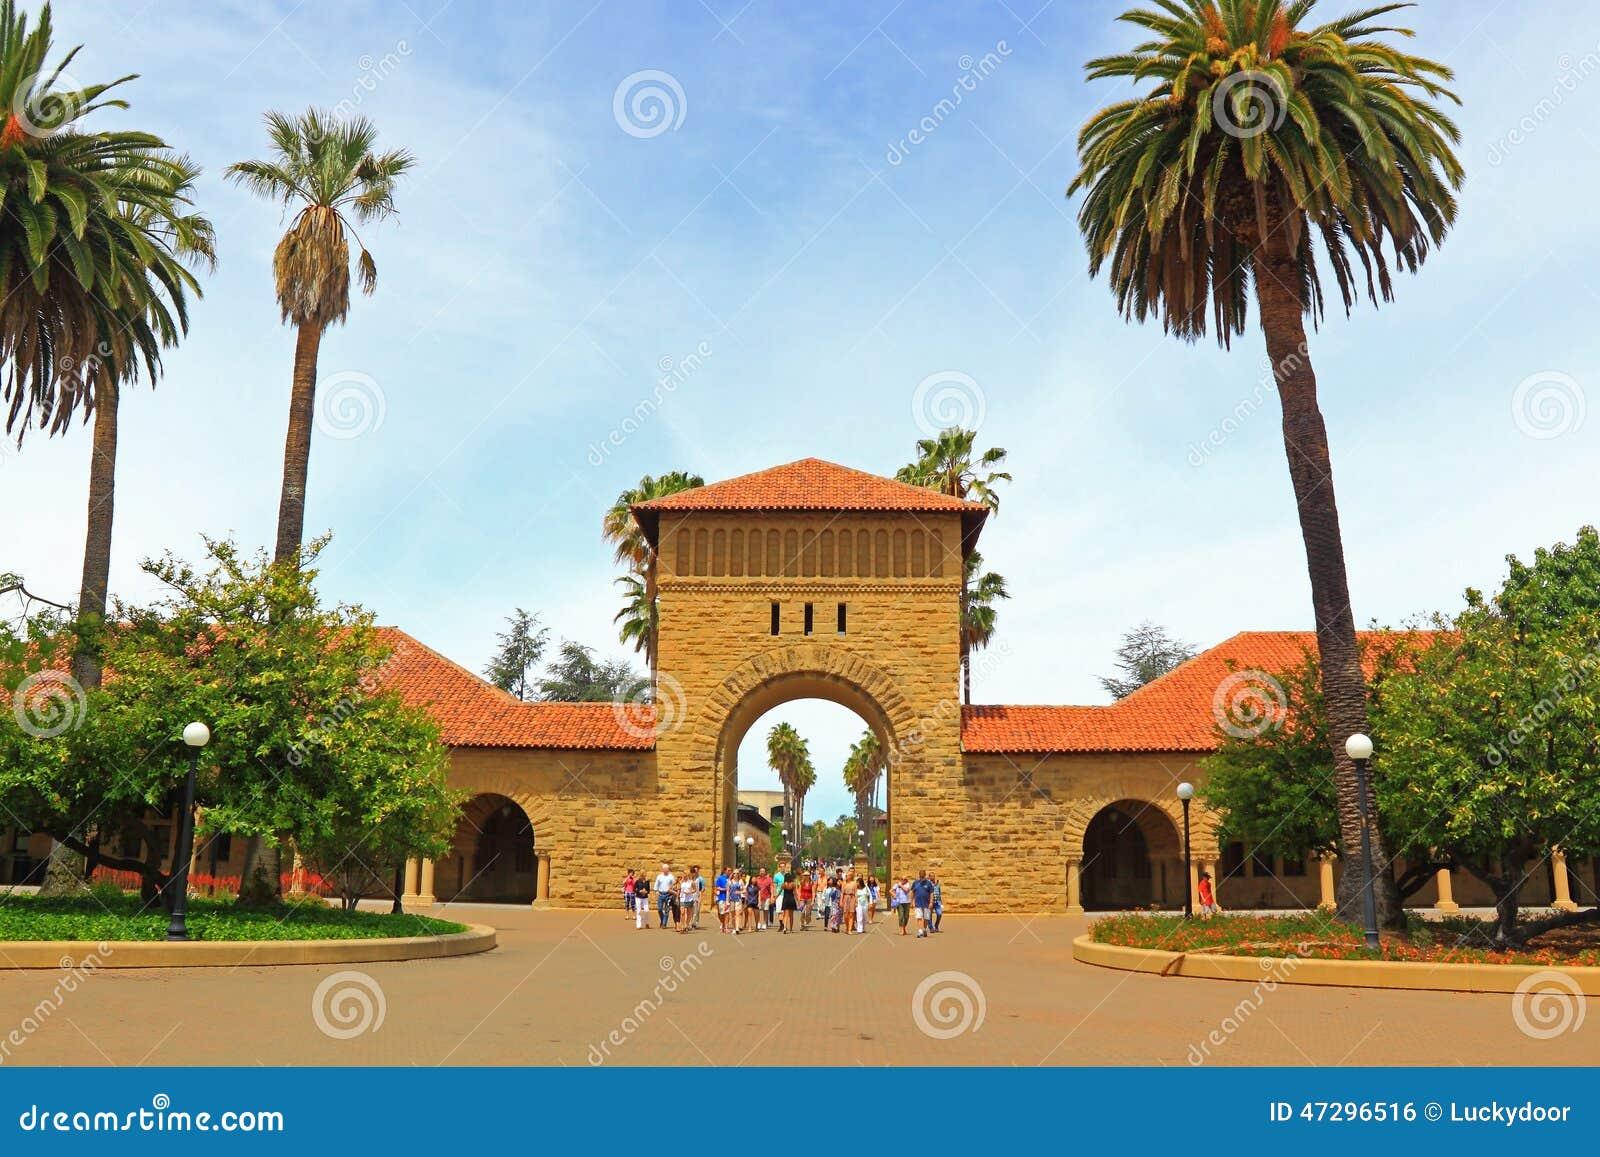 Giro della città universitaria dell istituto universitario